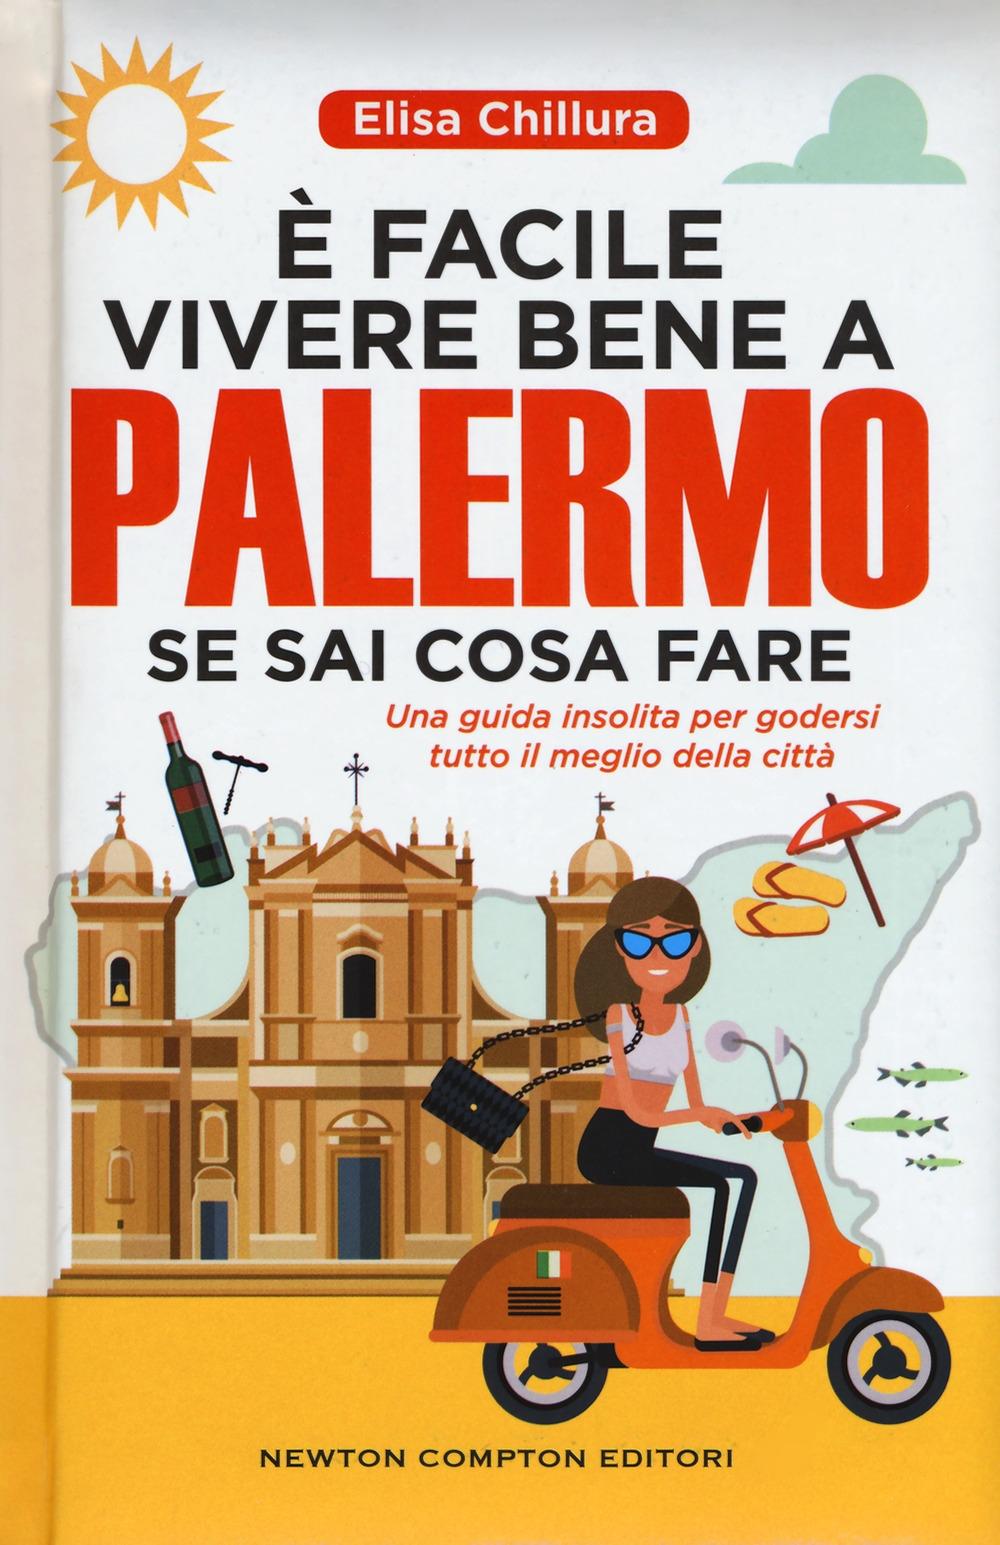 È facile vivere bene a Palermo se sai cosa fare.